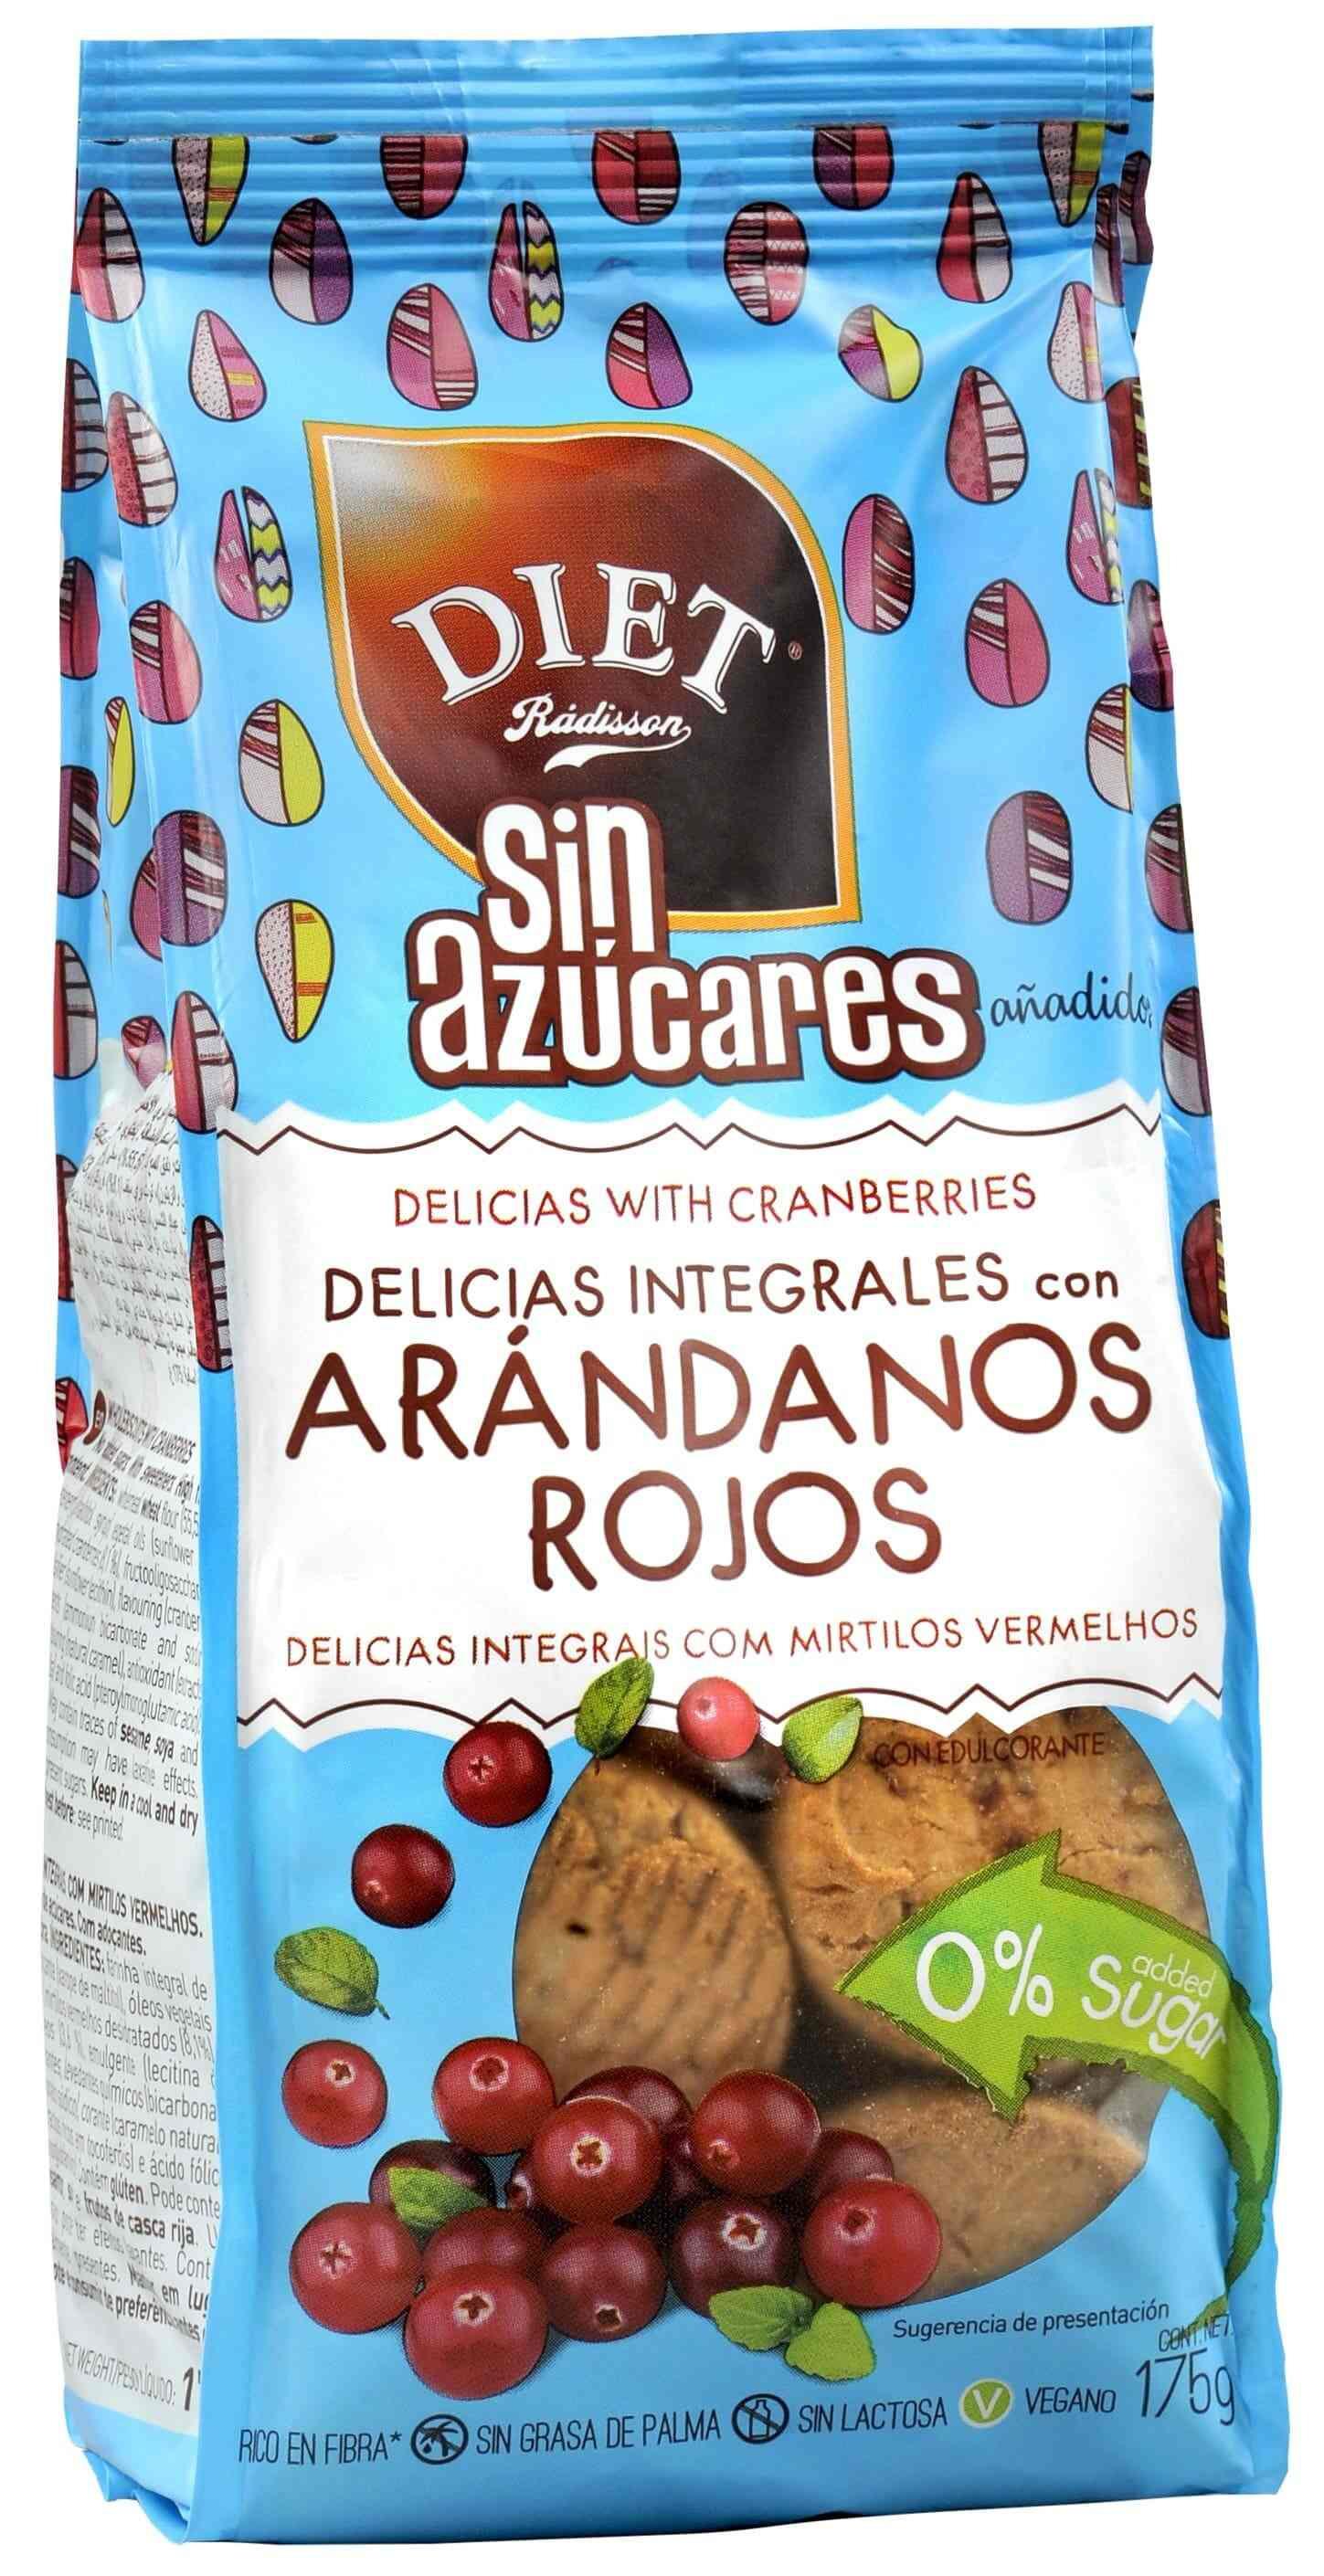 DELICIAS ARANDANOS S AZ  175 GR DIET RADISSON en Biovegalia